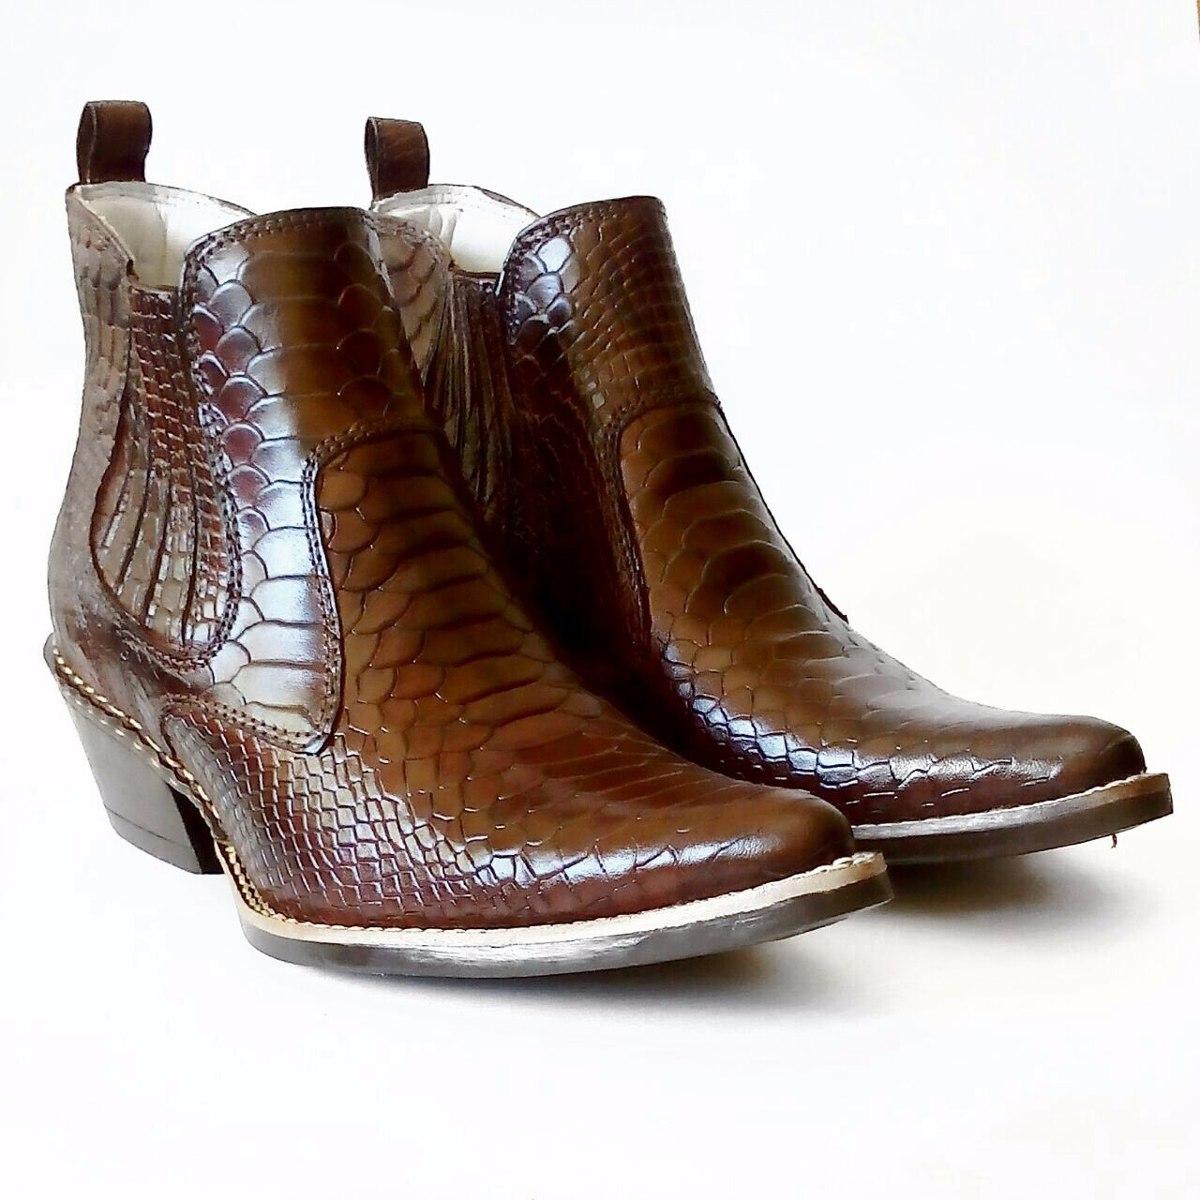 bota botina country texana masculina bico fino cobraanaconda. Carregando  zoom. 7e36638d289